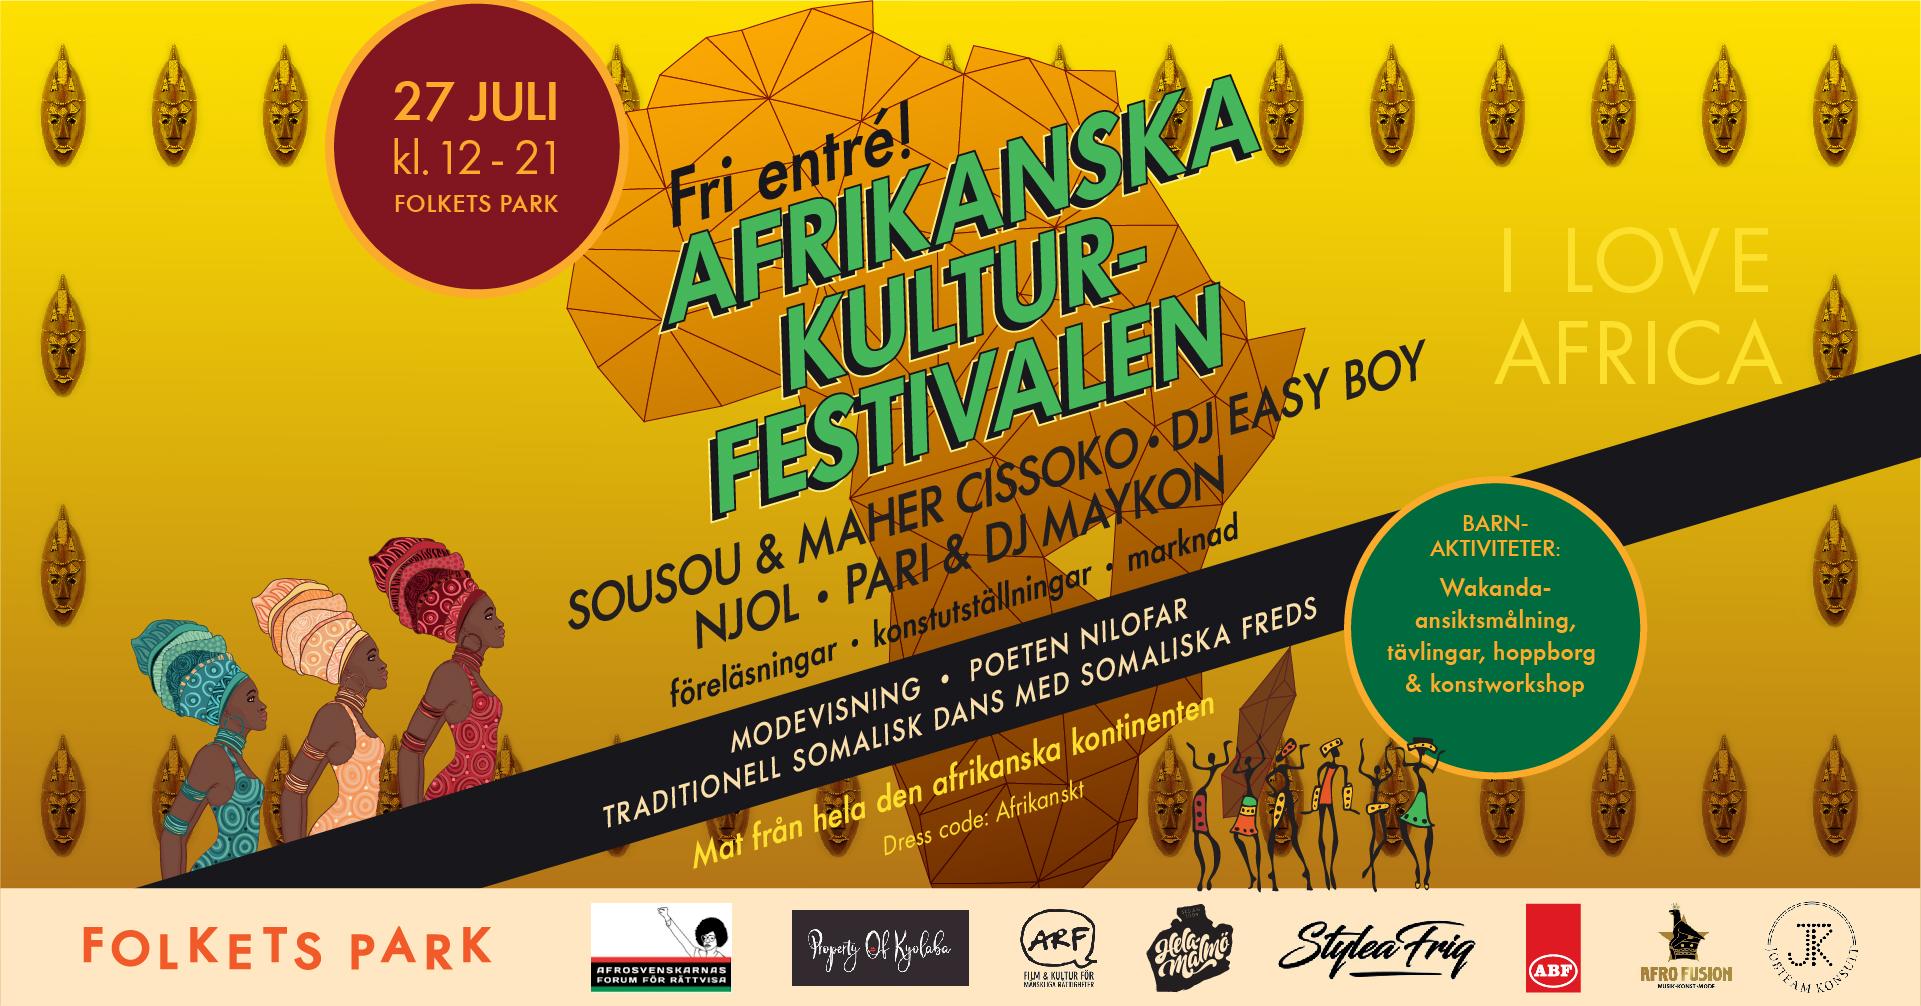 Informationsbild till Afrikanska kulturfestivalen i Folkets Park.